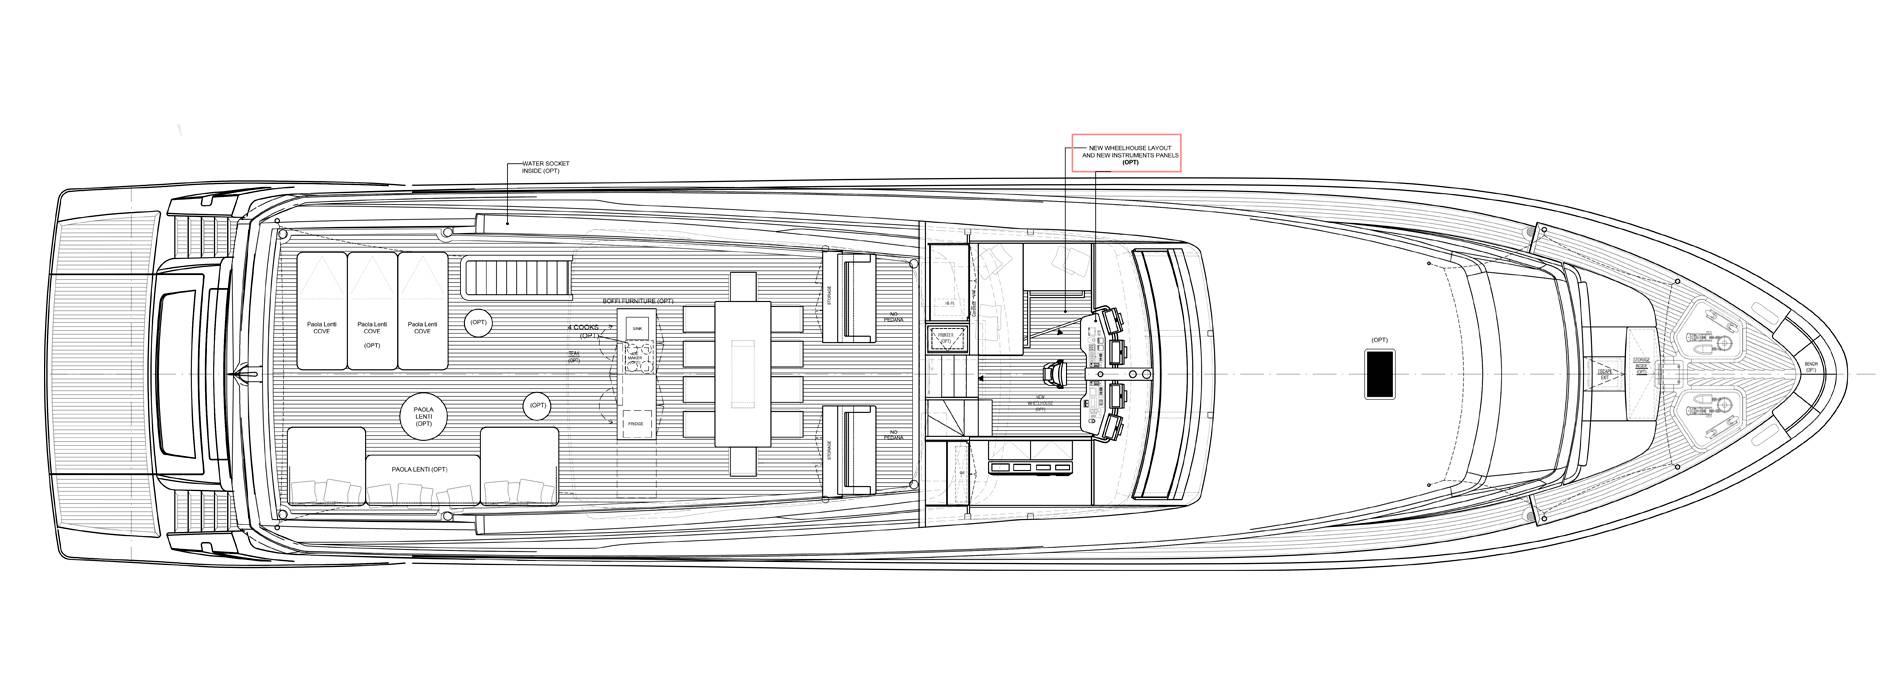 Sanlorenzo Yachts SL106-625 under offer Außendeck